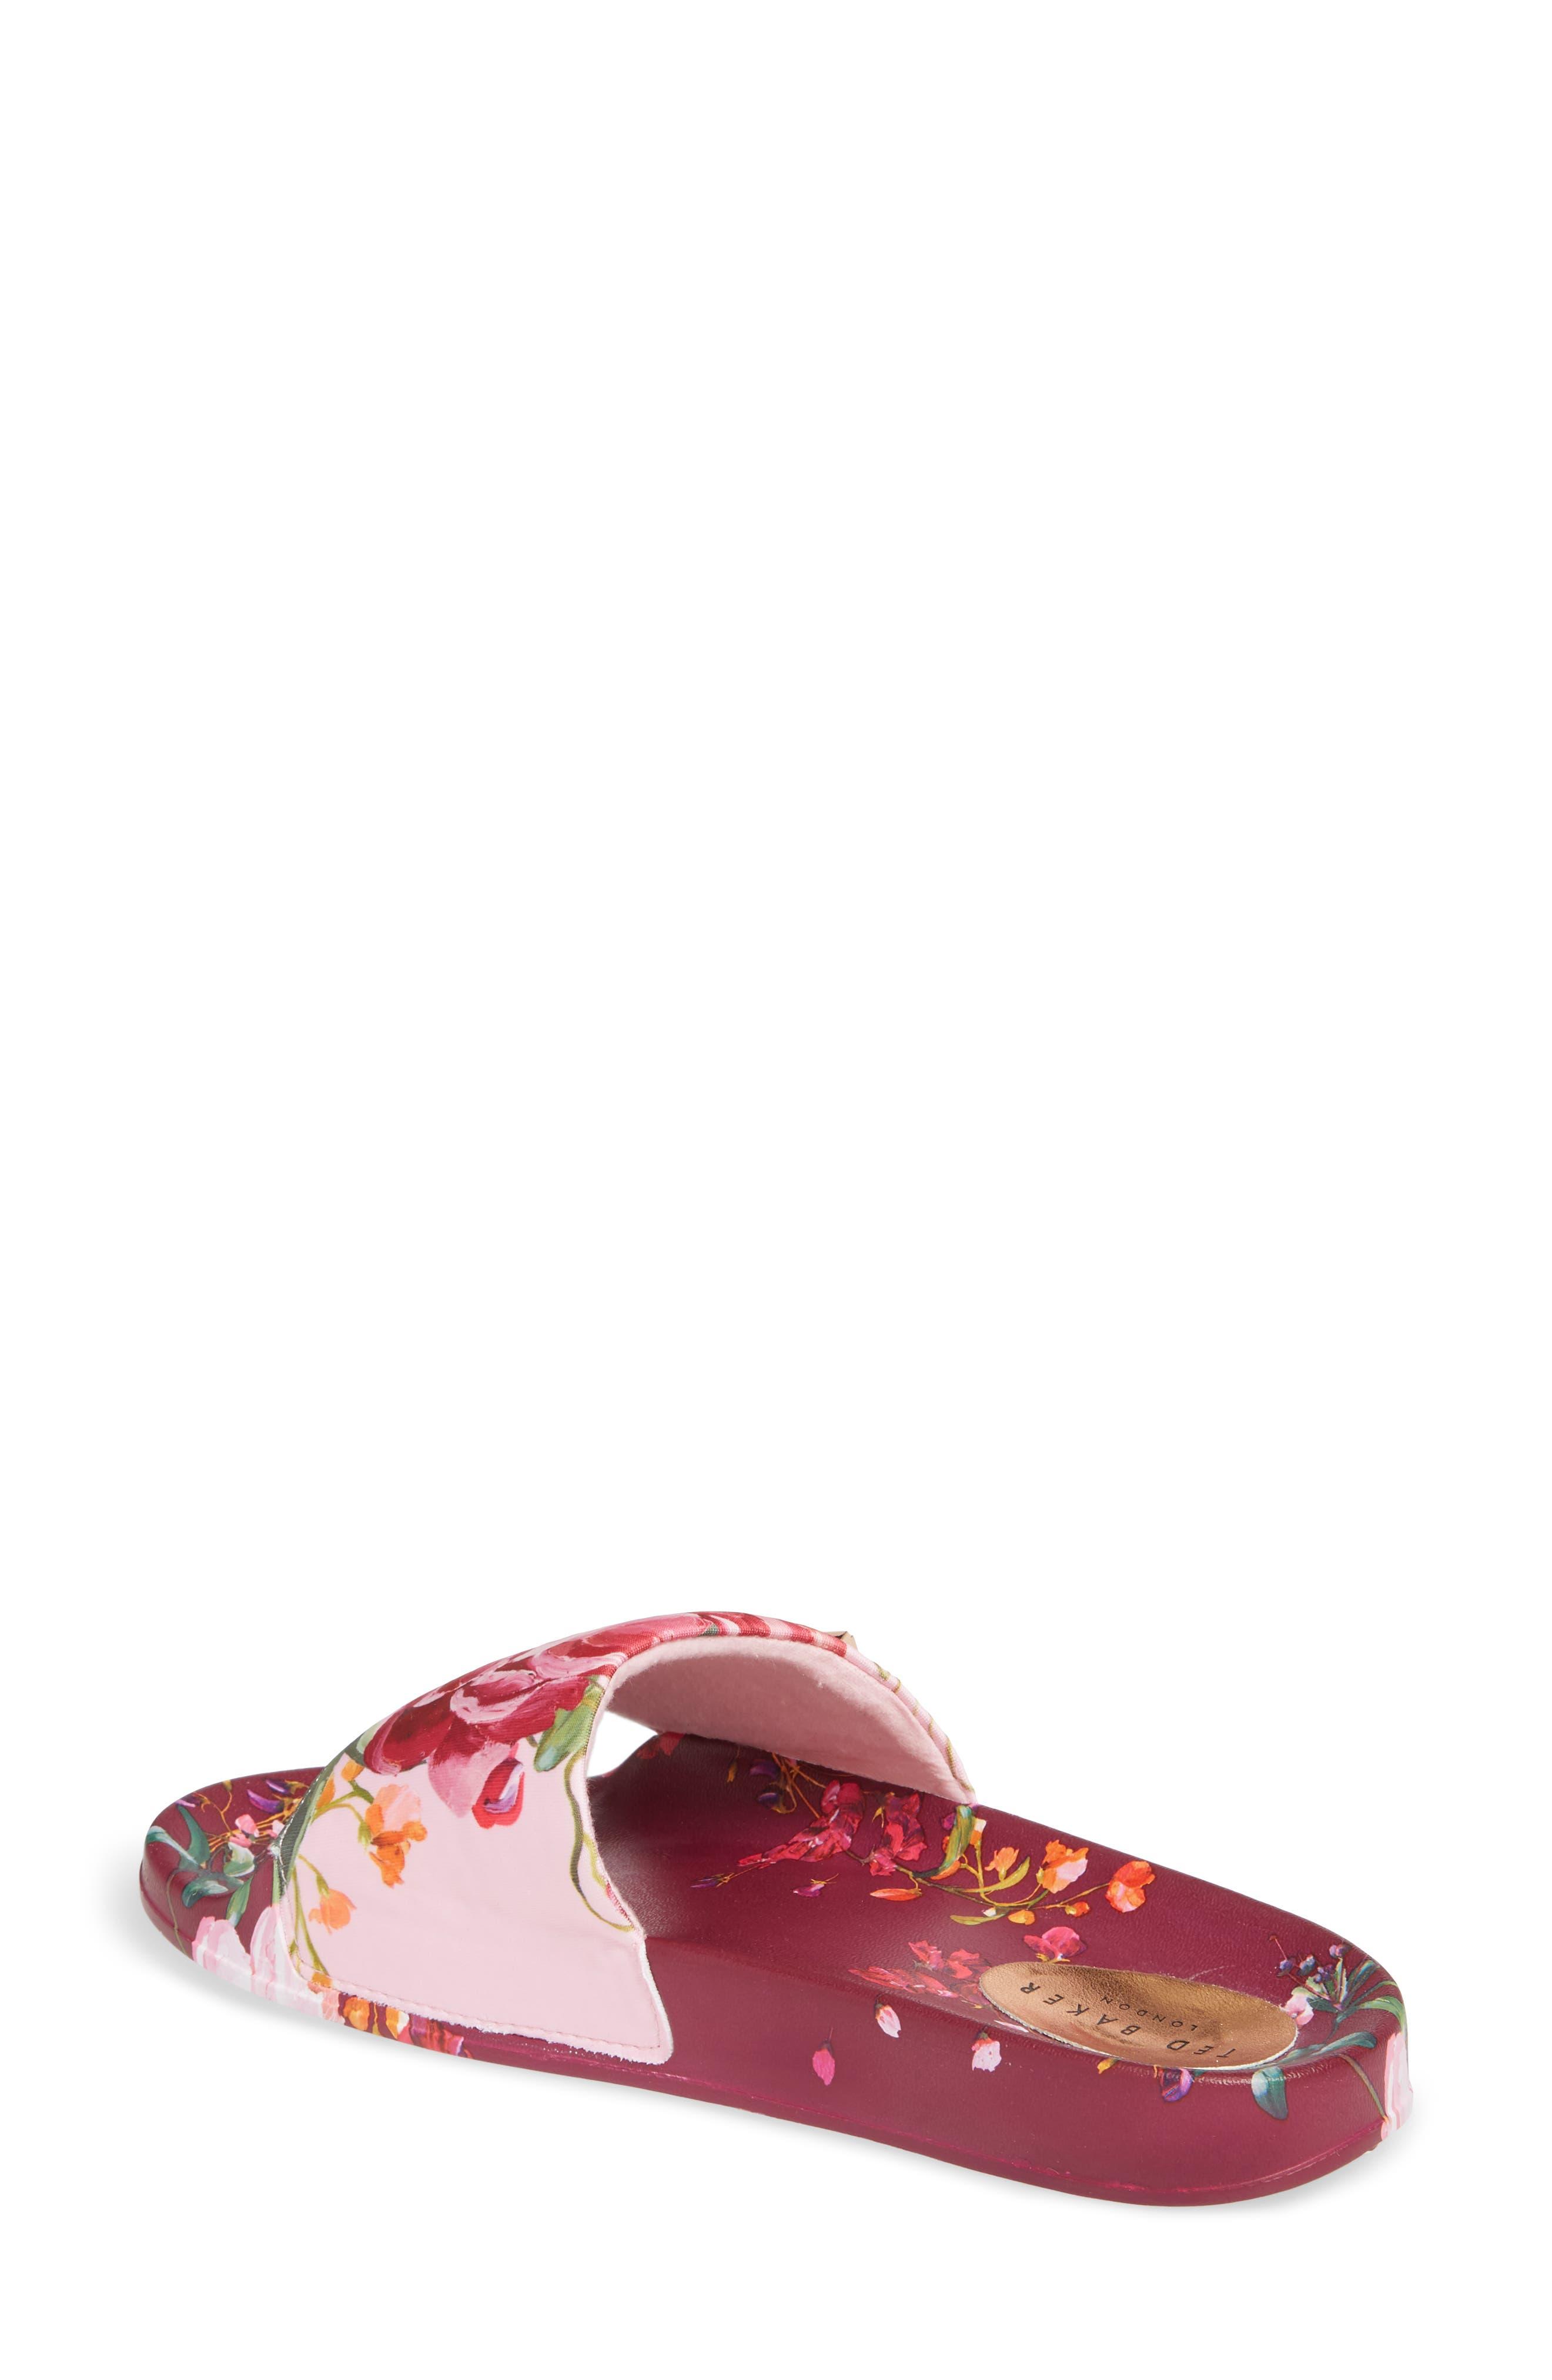 Qarla Slide Sandal,                             Alternate thumbnail 2, color,                             650